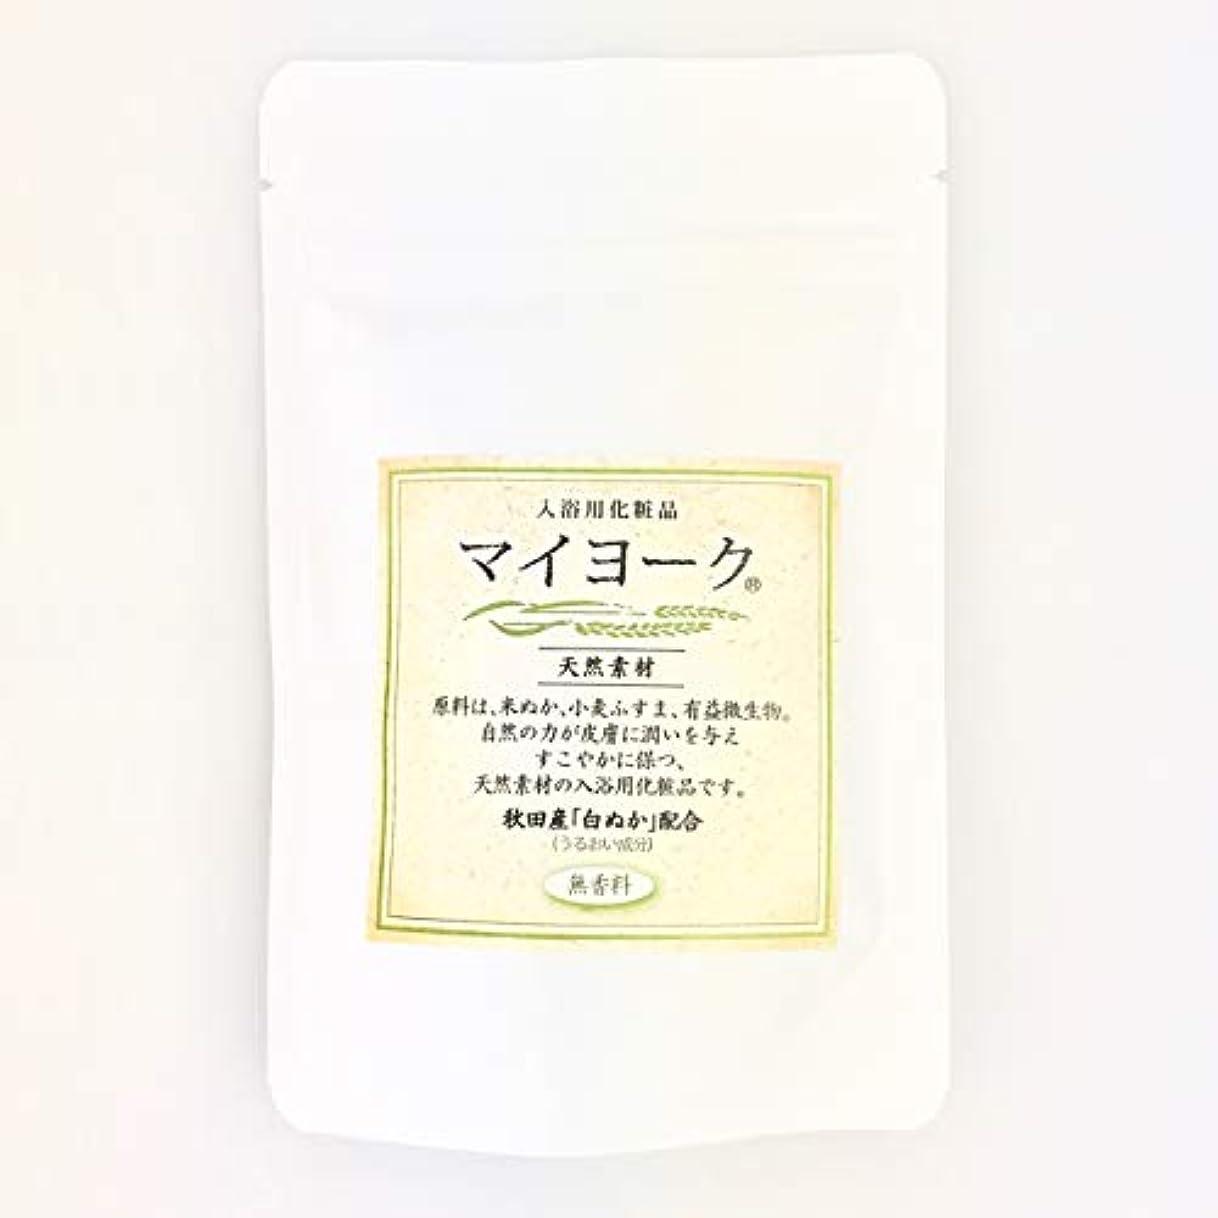 入浴用化粧品マイヨーク 2個入